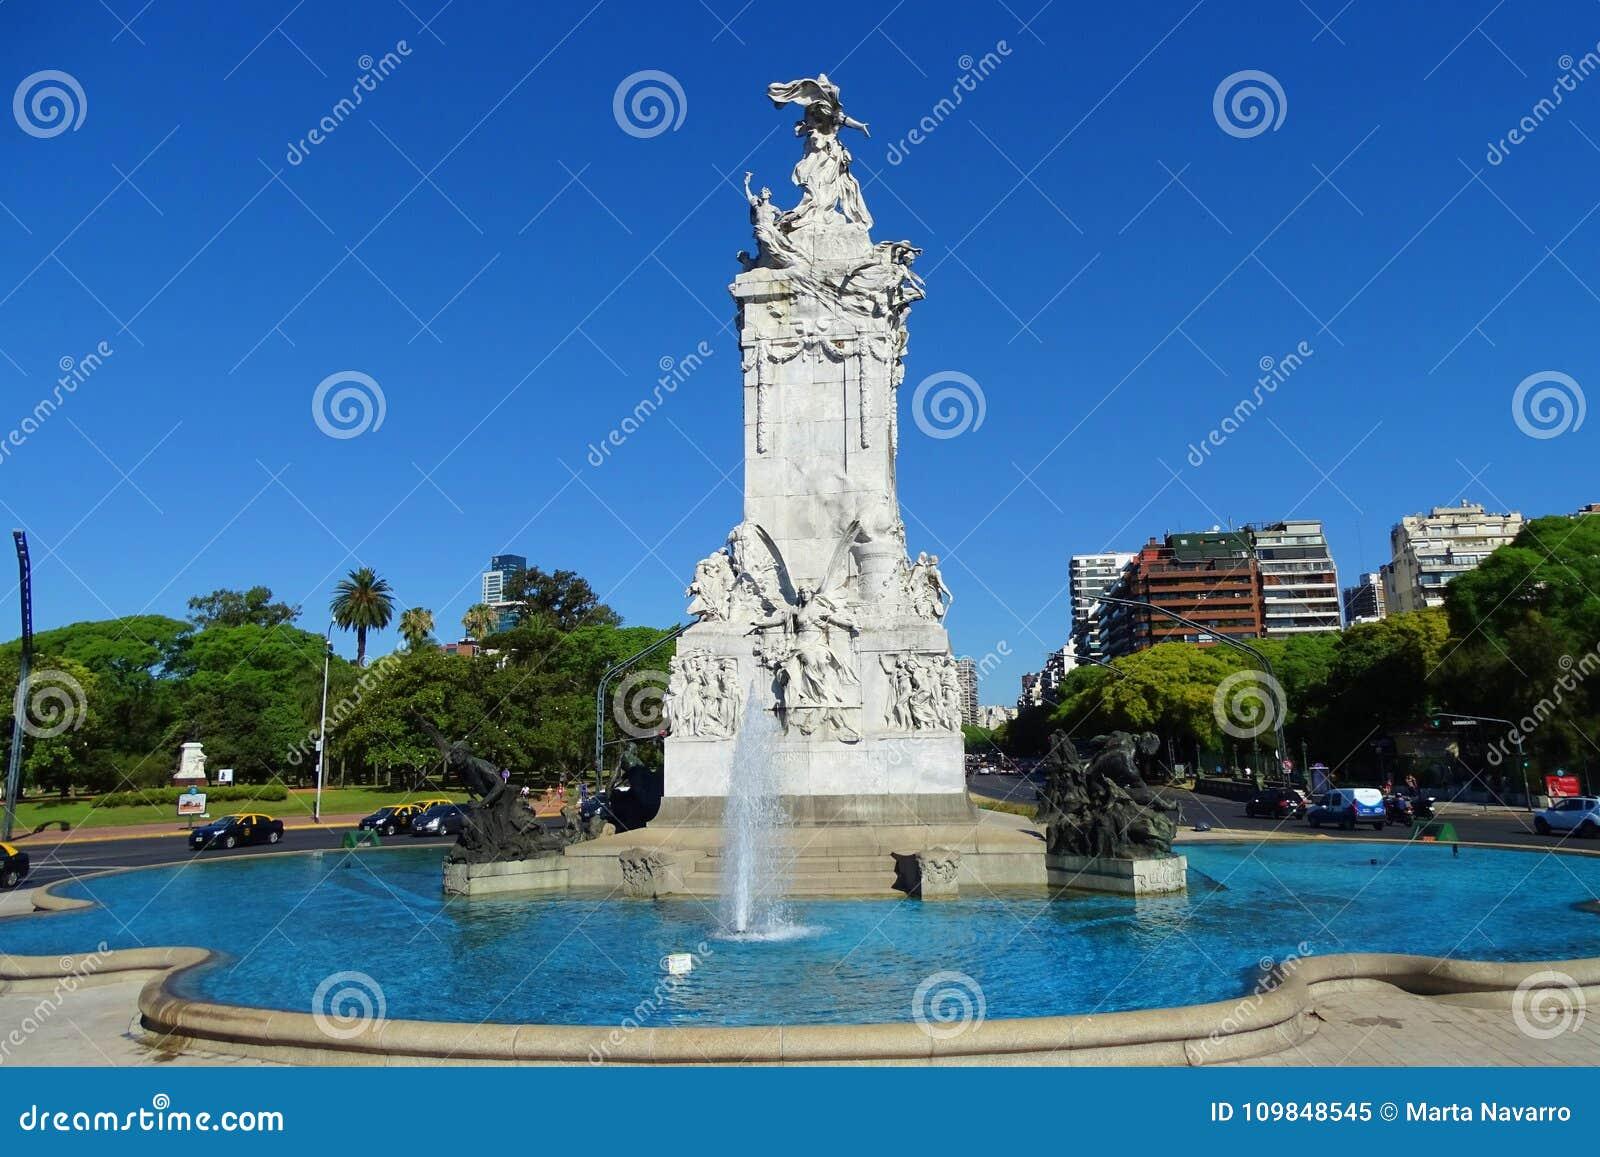 Mooie fontein met blauwe hemel, straatmening van Buenos aires, Argentinië